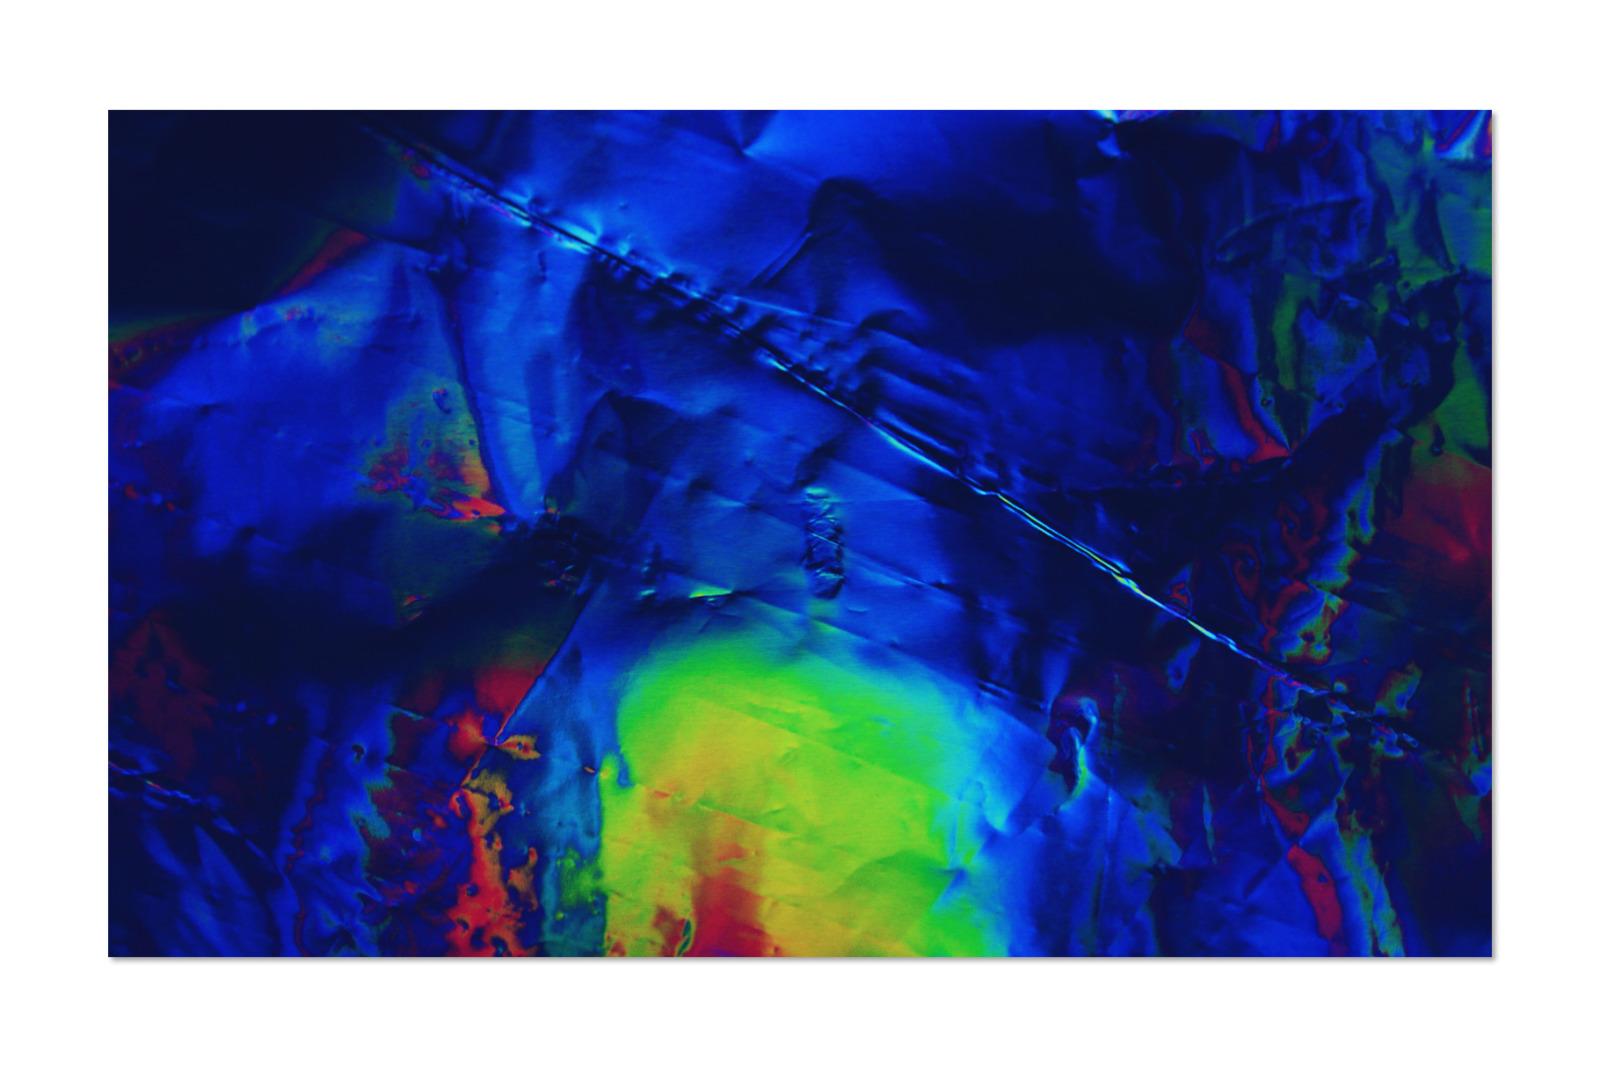 [淘宝购买] 80款潮流全息渐变虹彩金属箔纸纹理海报设计背景图片素材 Crumbled – 80 Foil Textures插图20